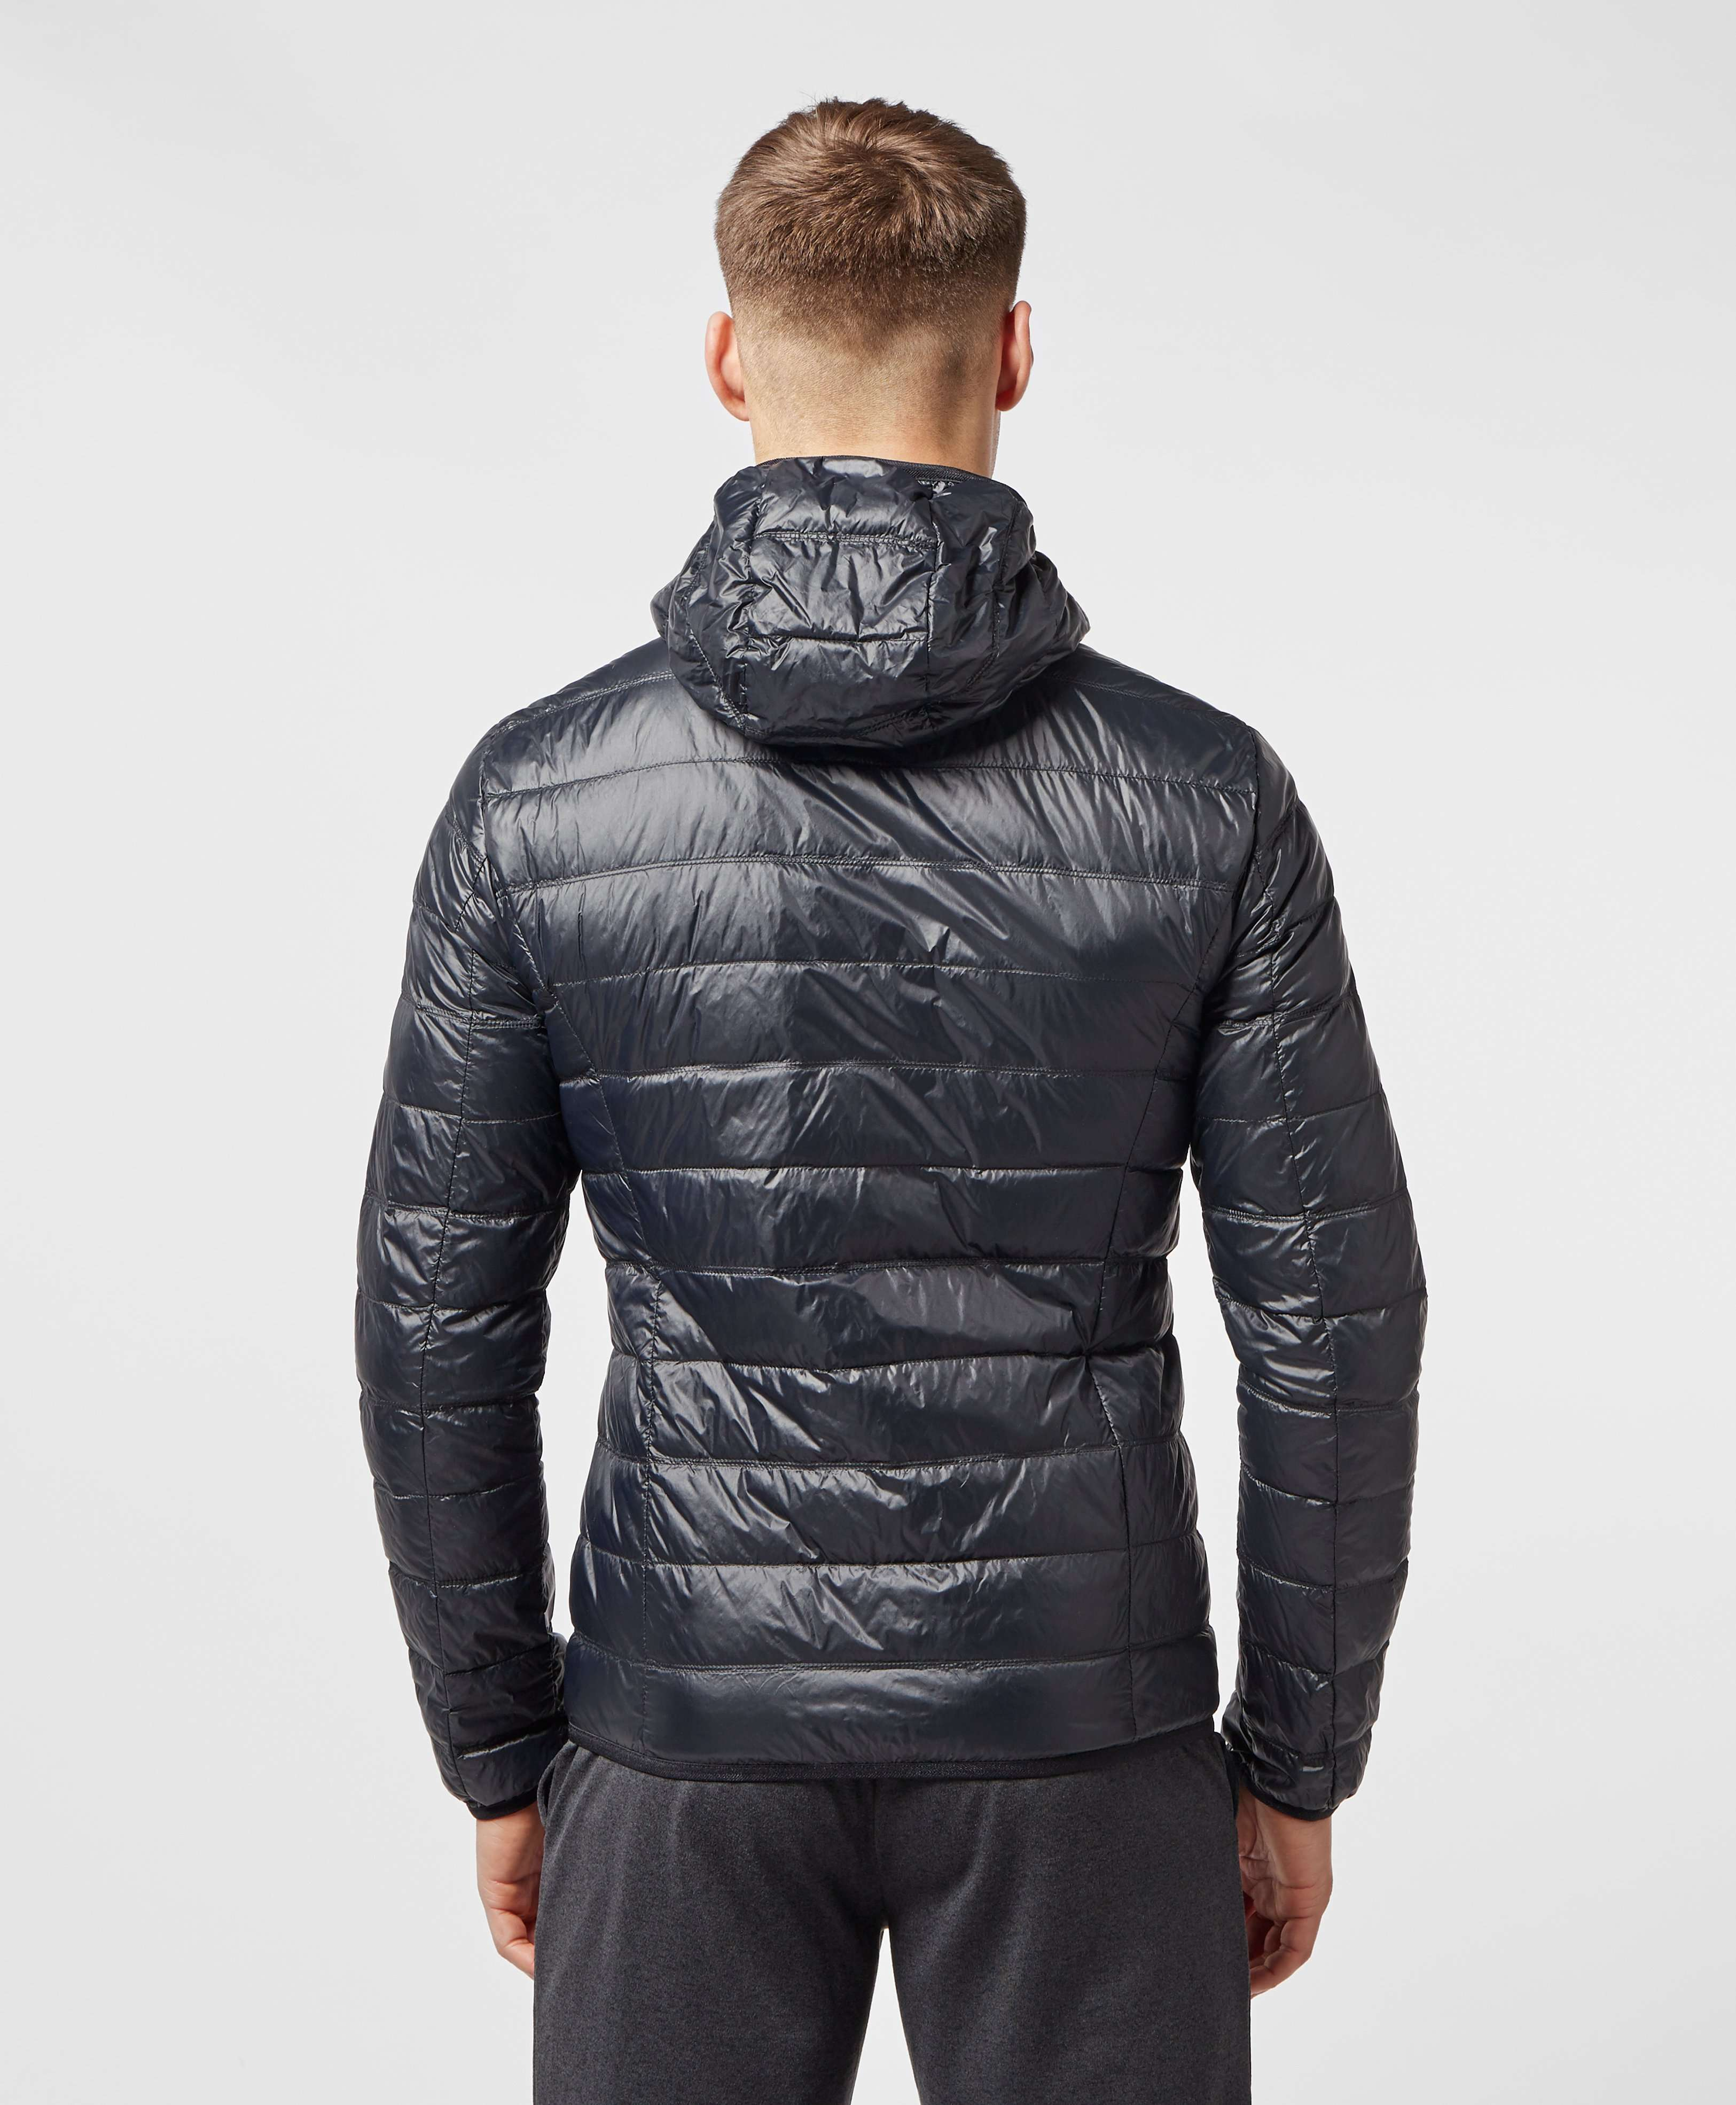 Emporio Armani EA7 Branded Zip Bubble Jacket